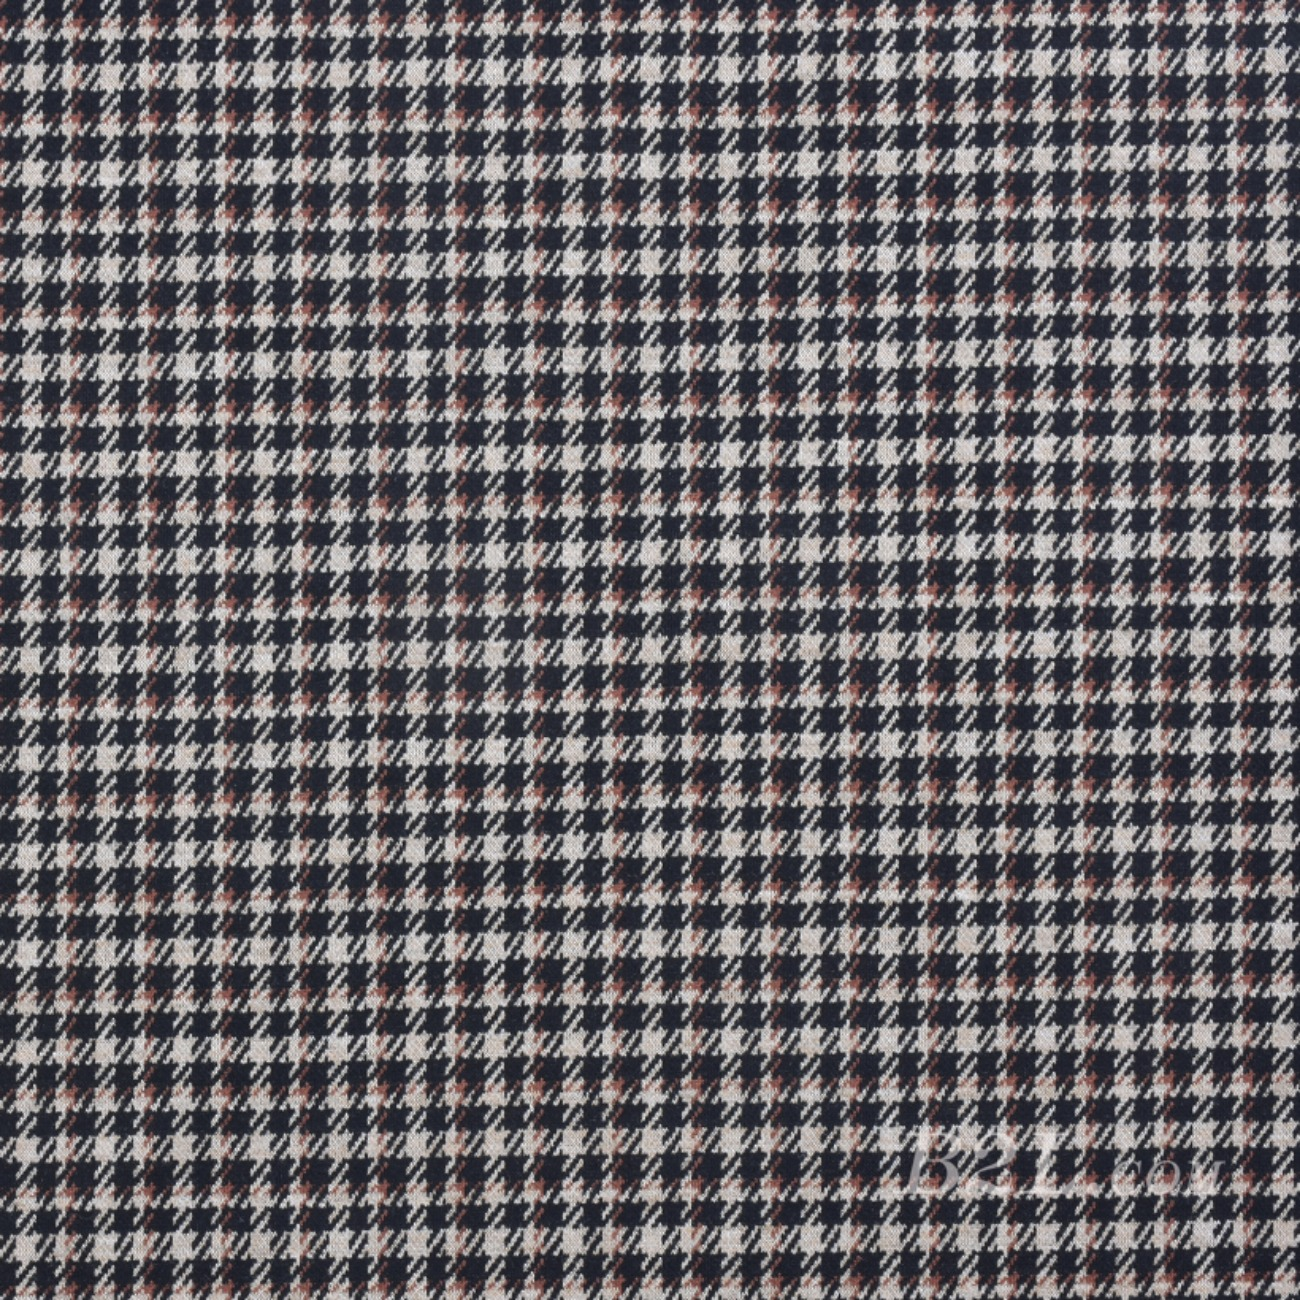 针织染色千鸟格毛纺面料-春秋冬大衣外套半身裙面料Z746